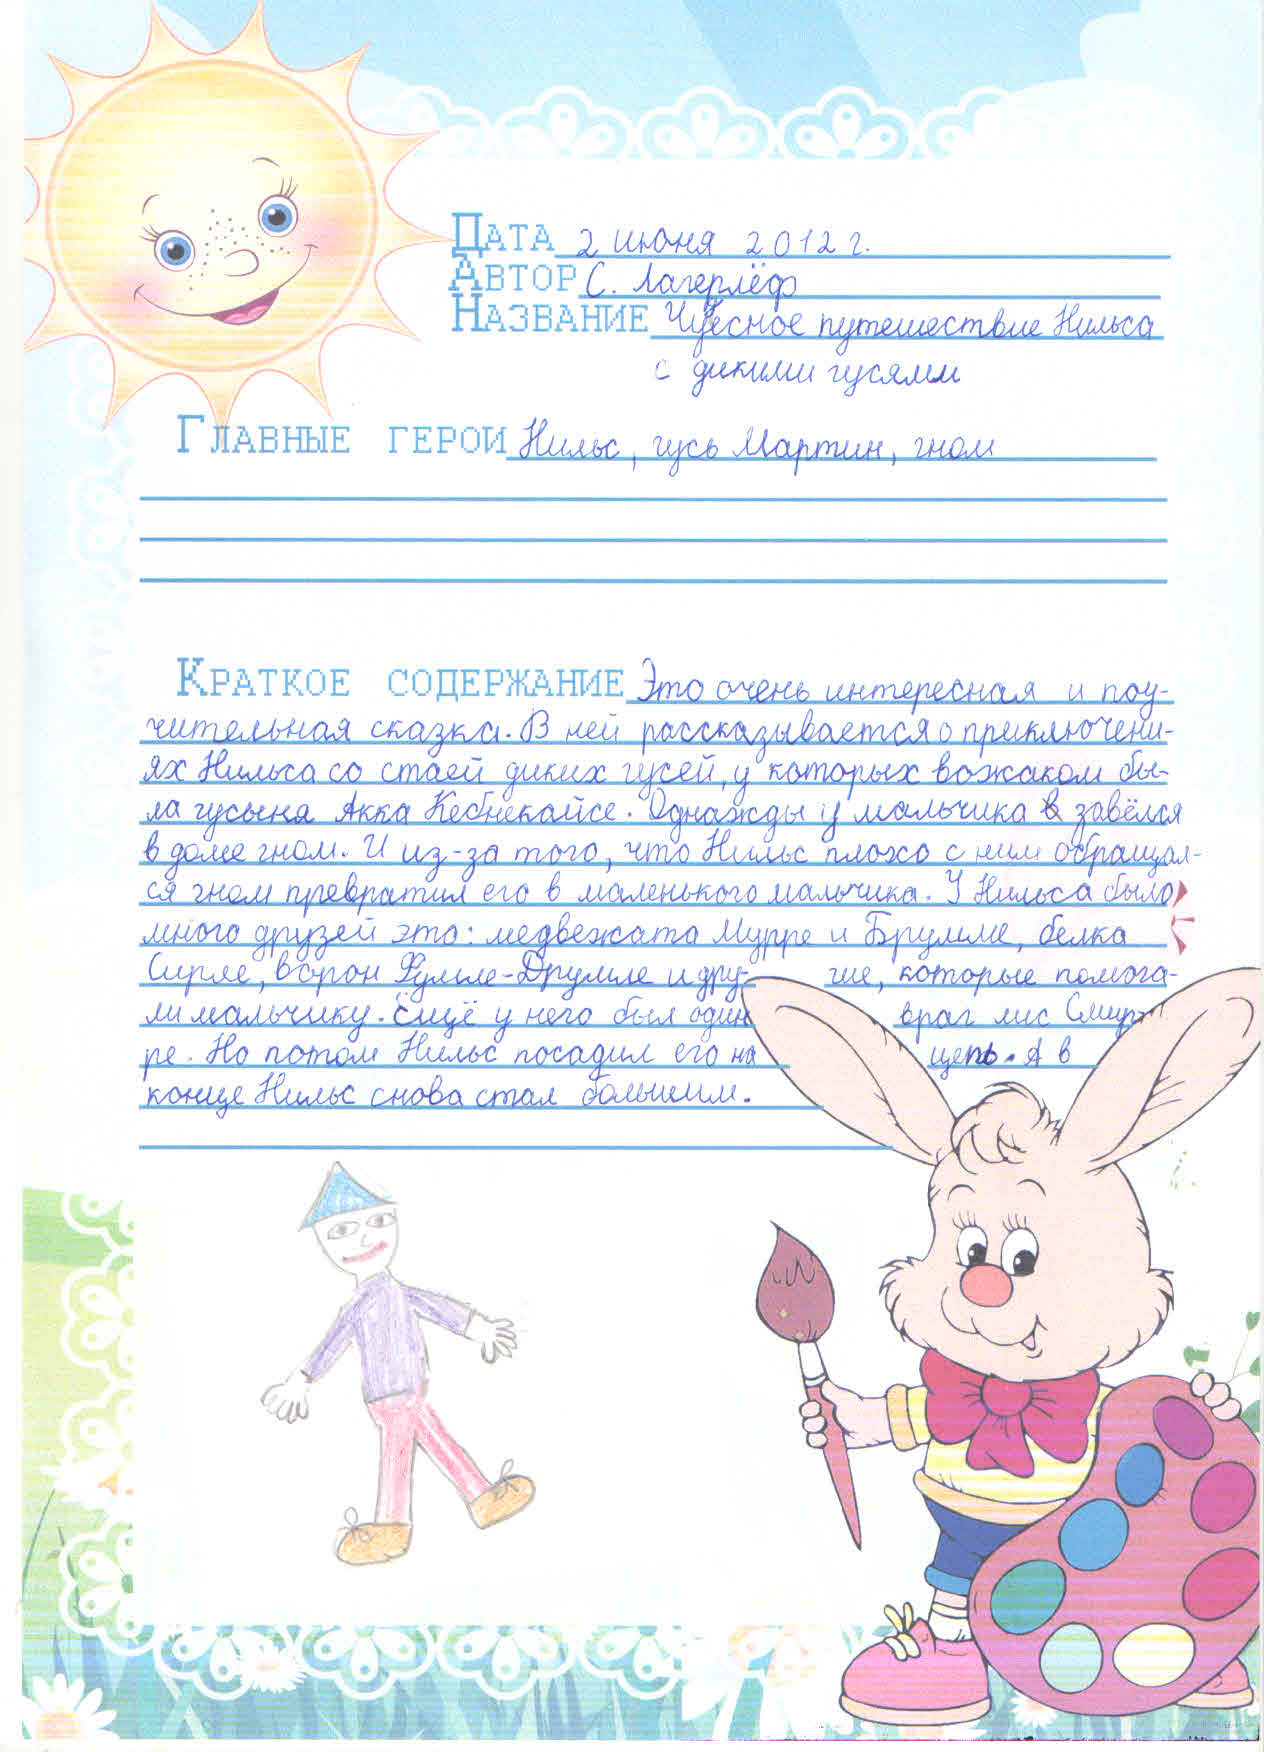 дневник для чтения 2 класс образец